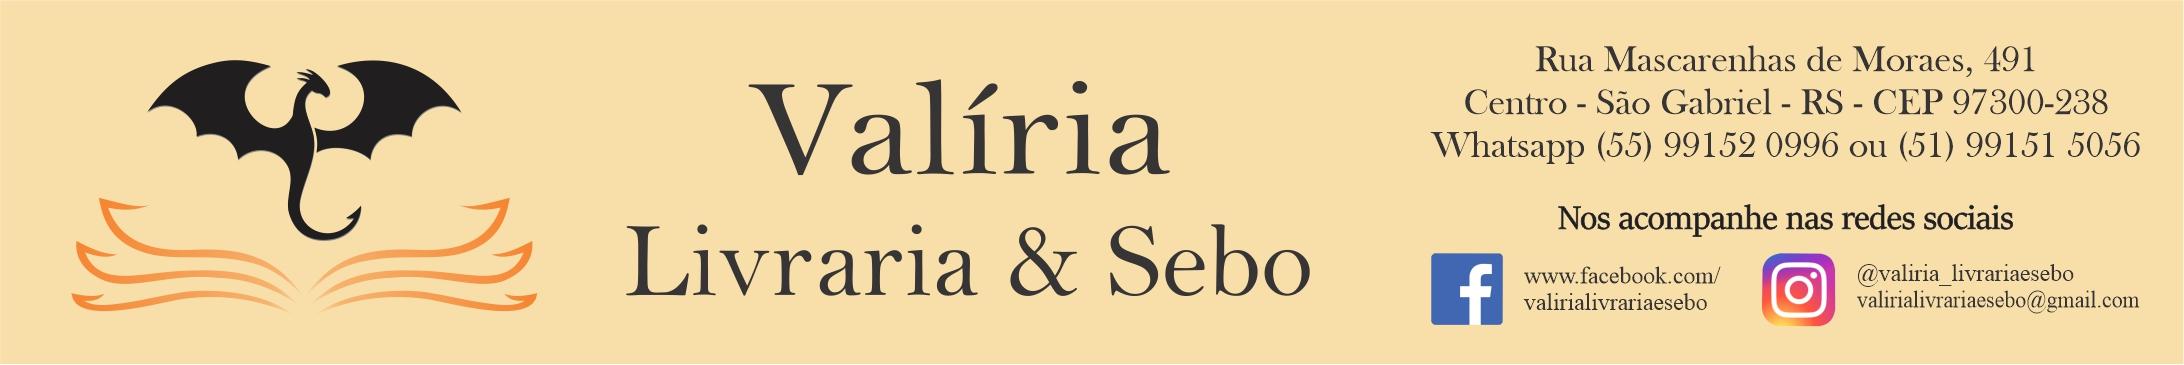 Valíria Livraria & Sebo - vem para Valíria!